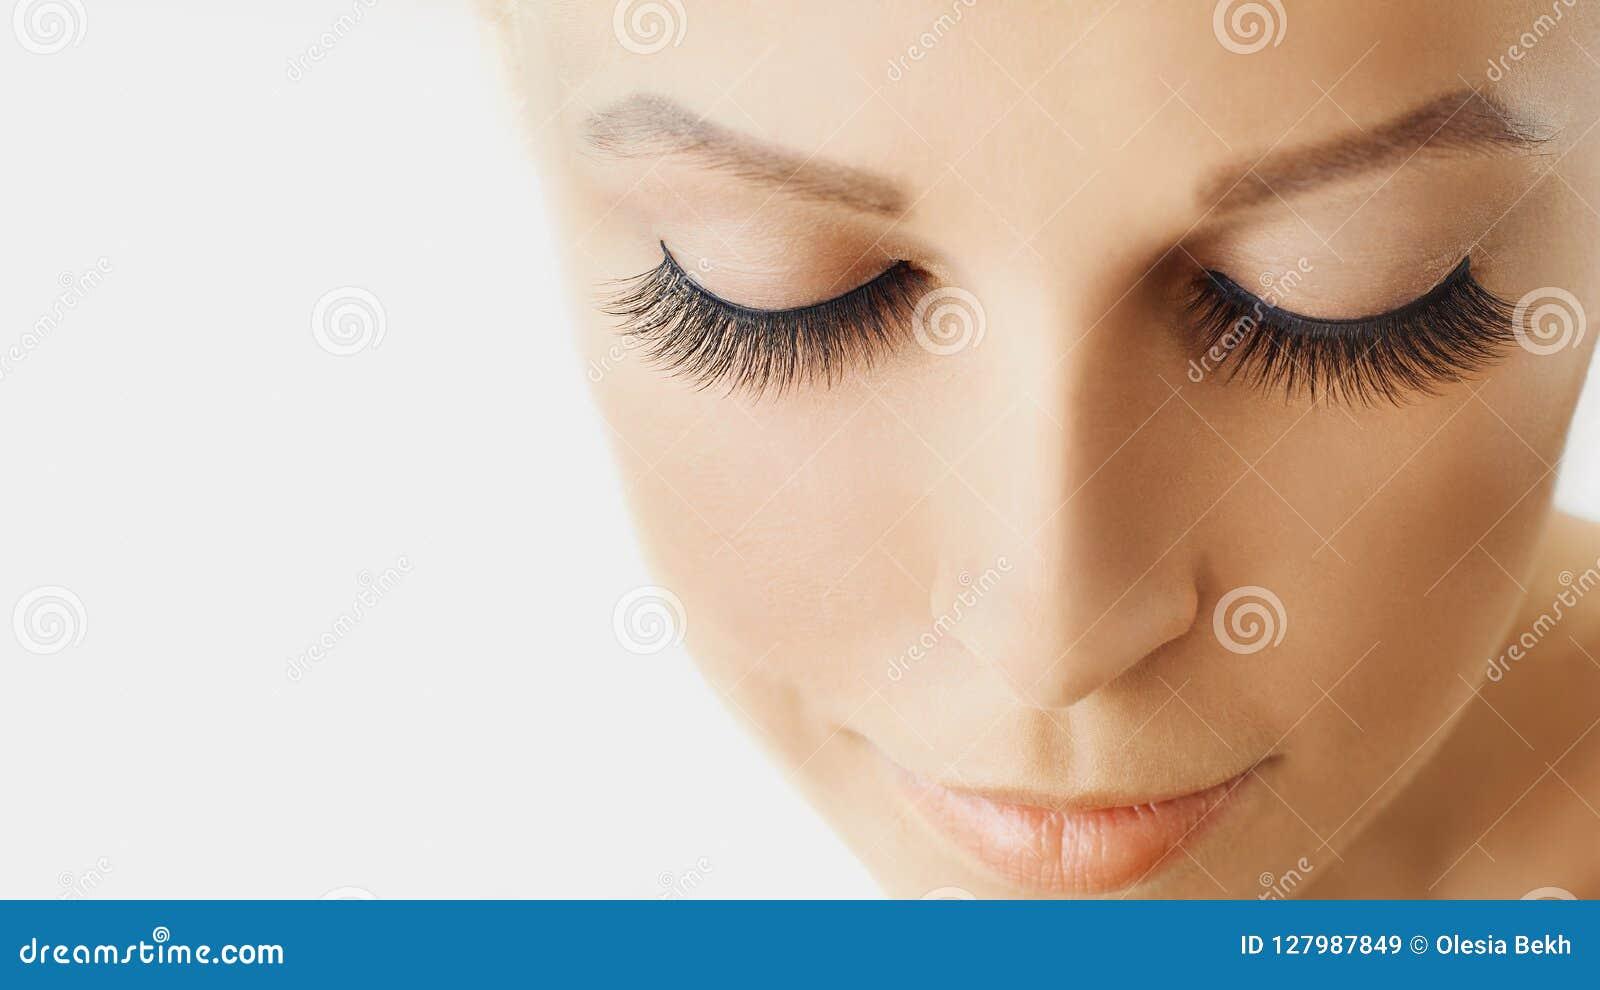 Mooi meisje met lange valse wimpers en perfecte huid Wimperuitbreidingen, de kosmetiek, schoonheid en huidzorg